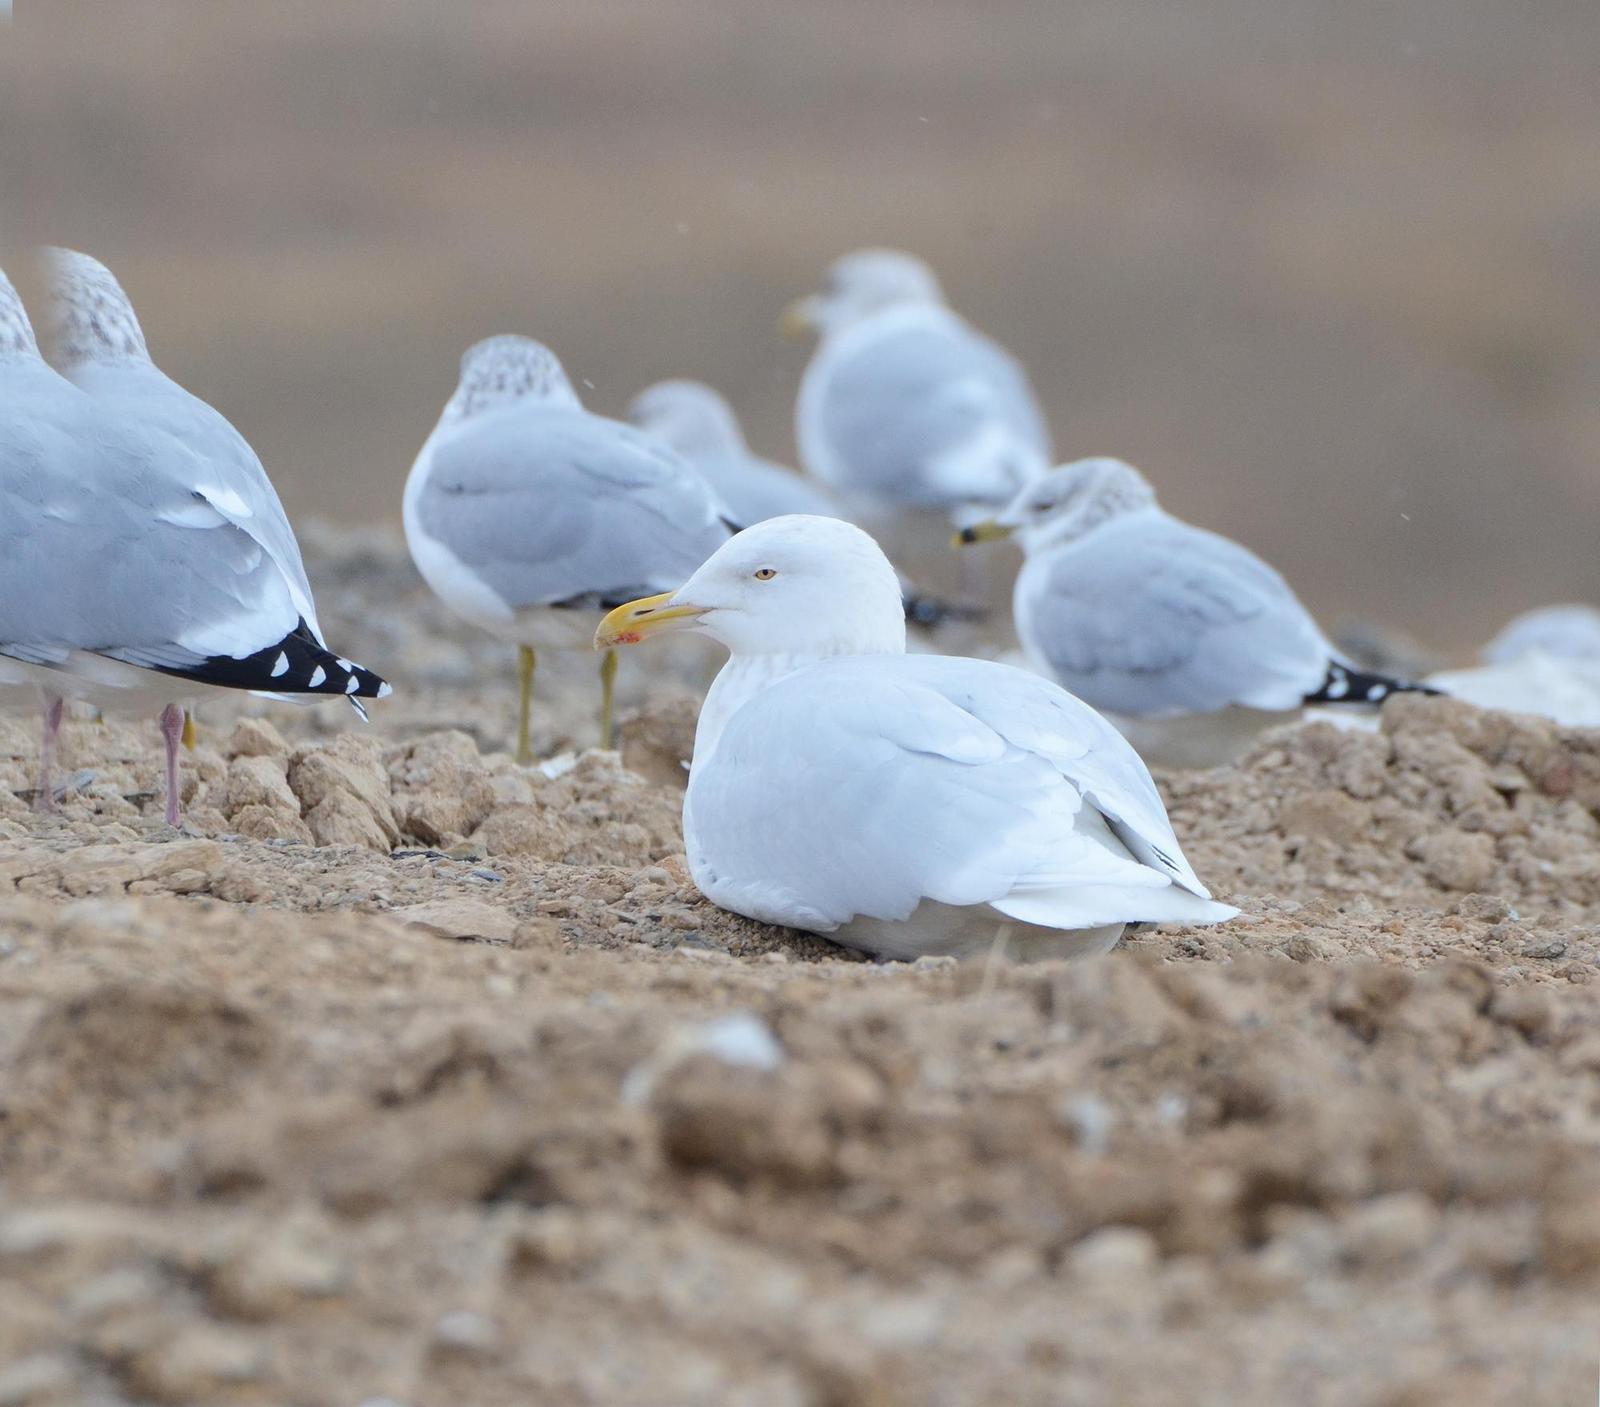 Glaucous Gull Photo by Steven Mlodinow